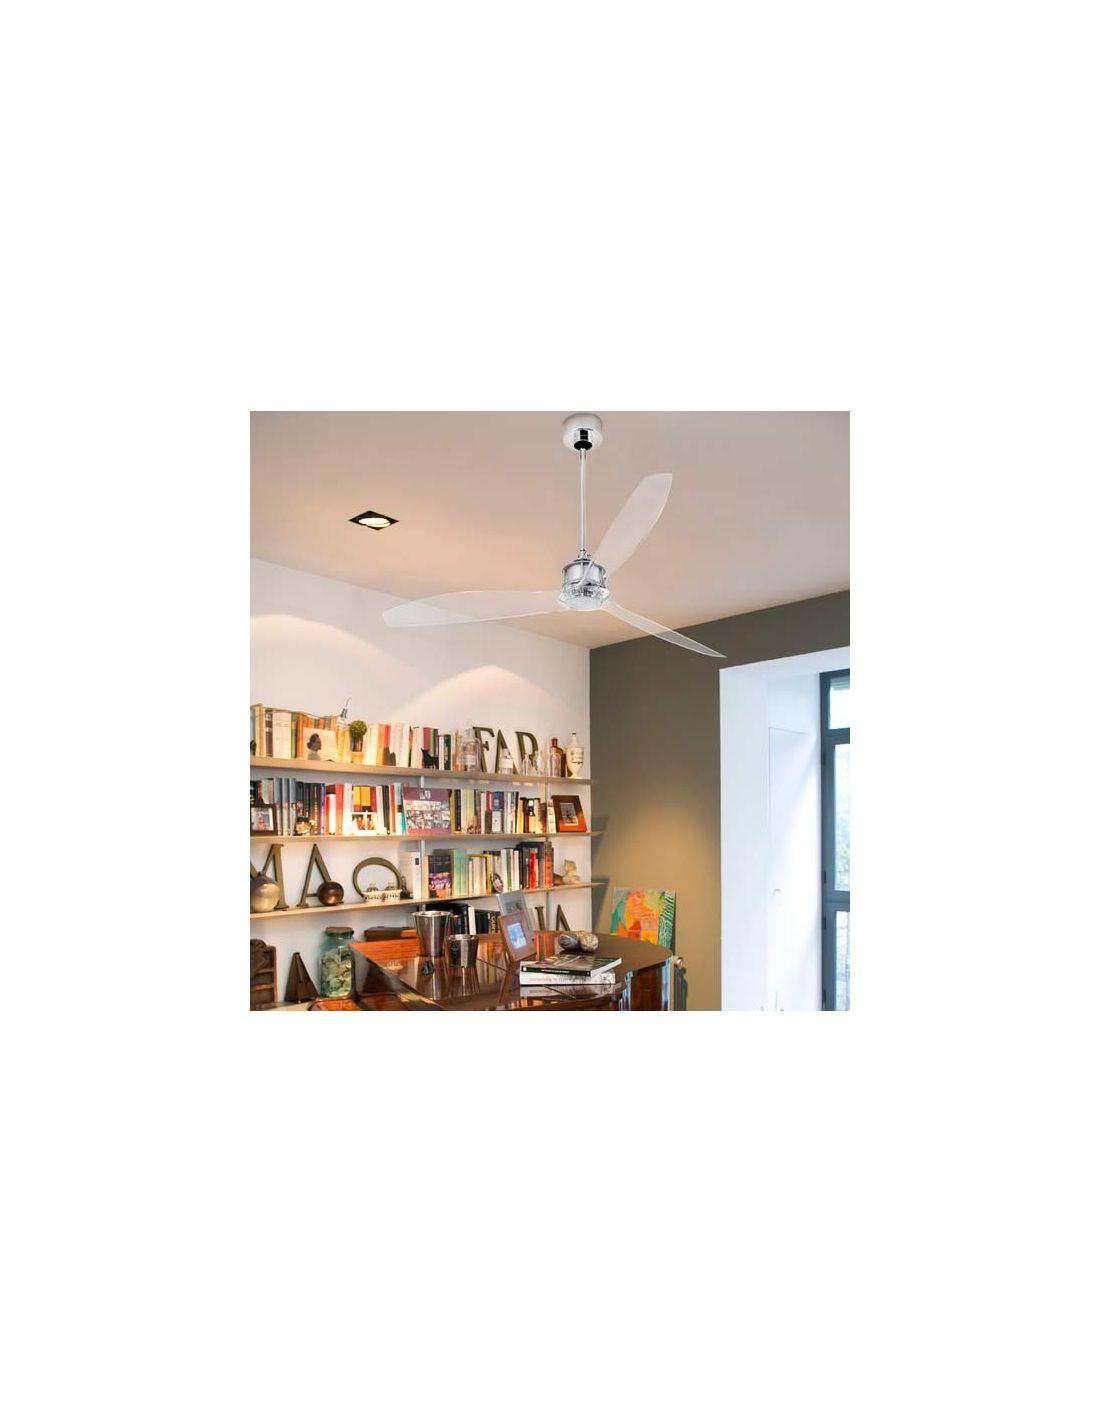 Ventilador de techo sin luz env o r pido y seguro - Luz de techo ...